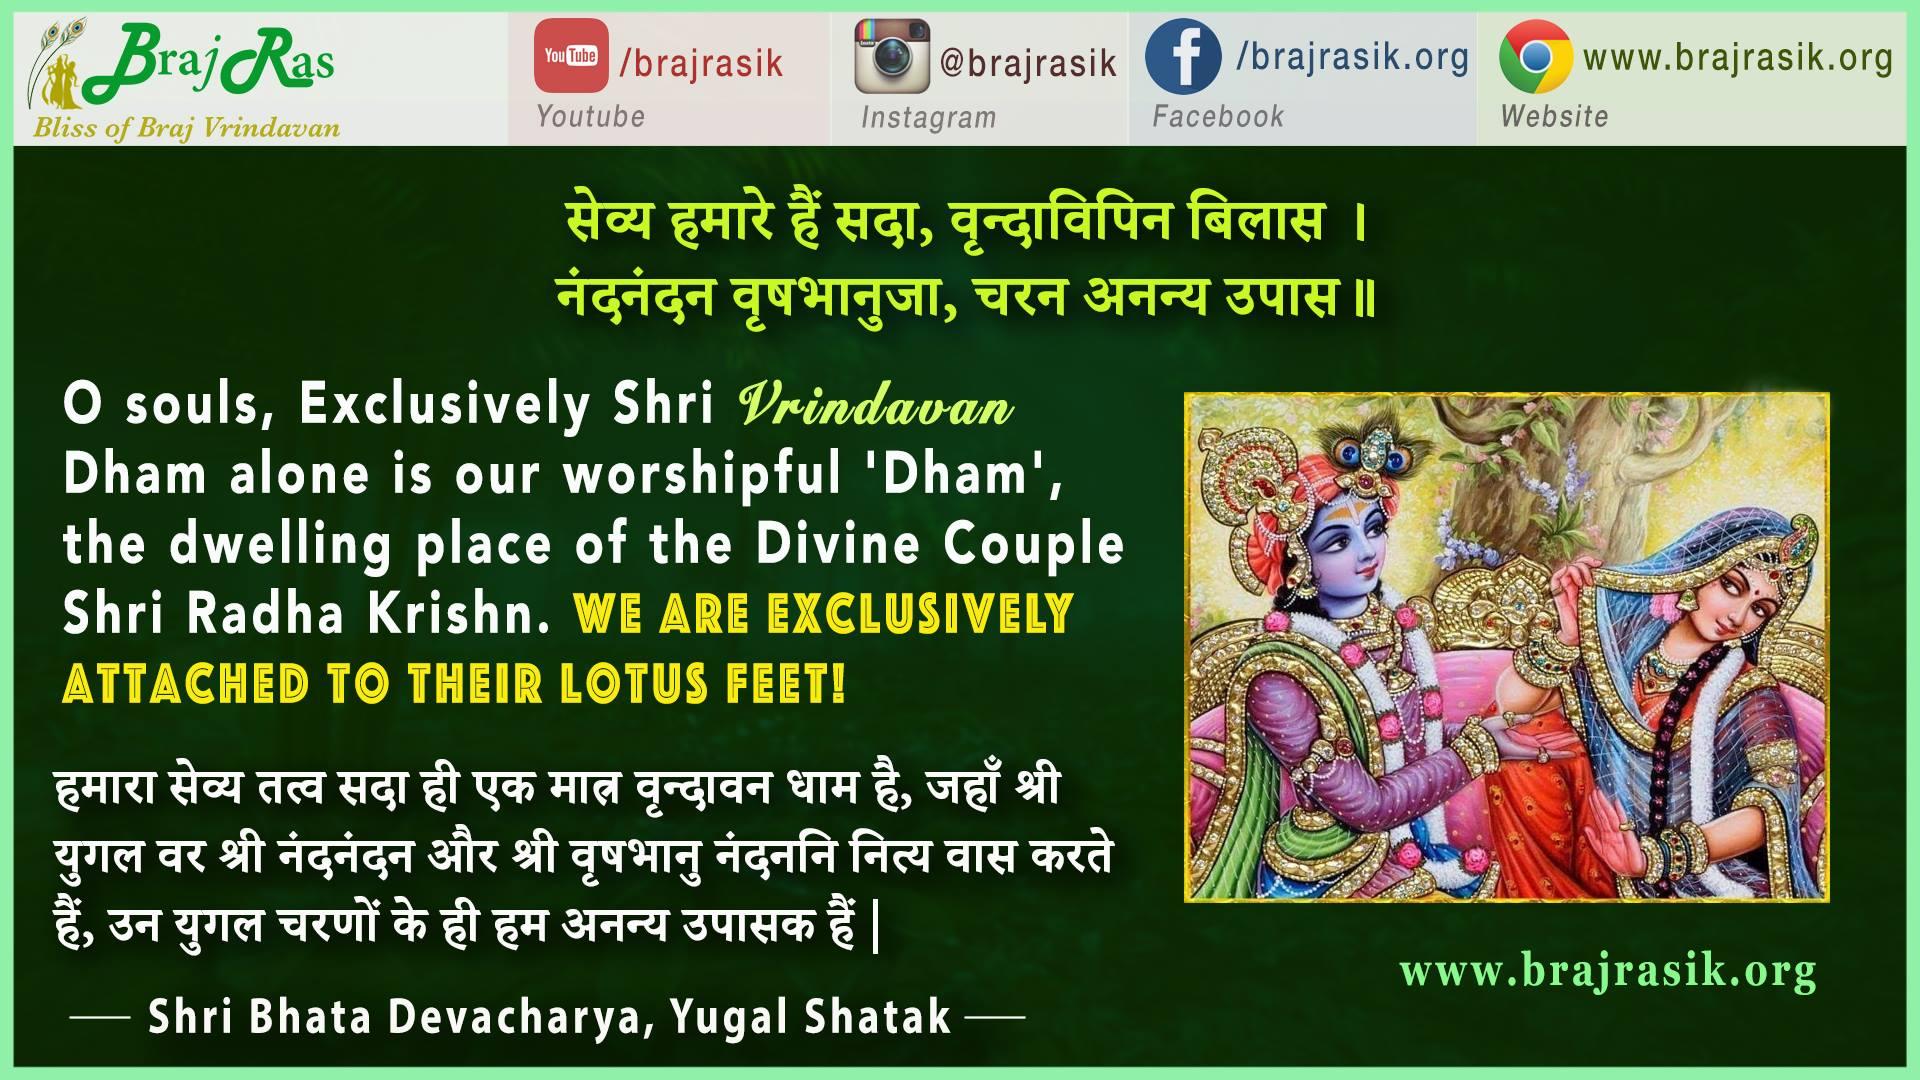 Sevya Humare Hain Sada, Vrindavipin Vilas - Shri Bhata Devacharya, Yugal Shatak